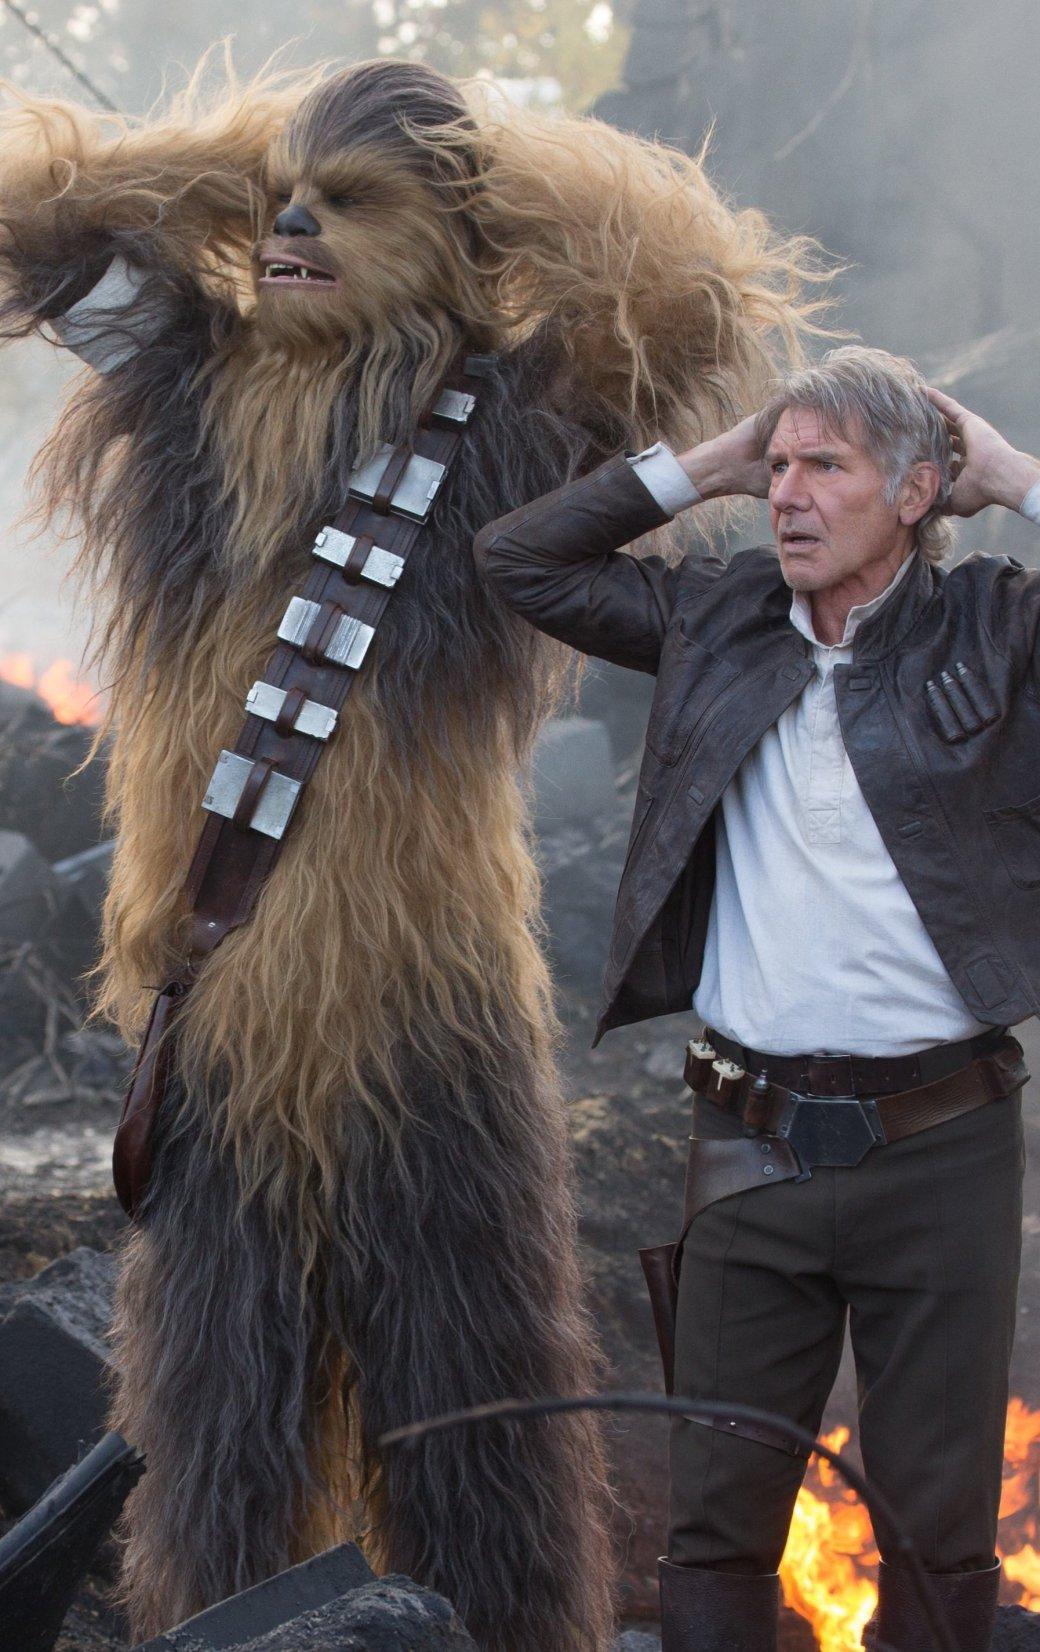 Рецензия на «Звездные войны: Пробуждение Силы». Без спойлеров - Изображение 3